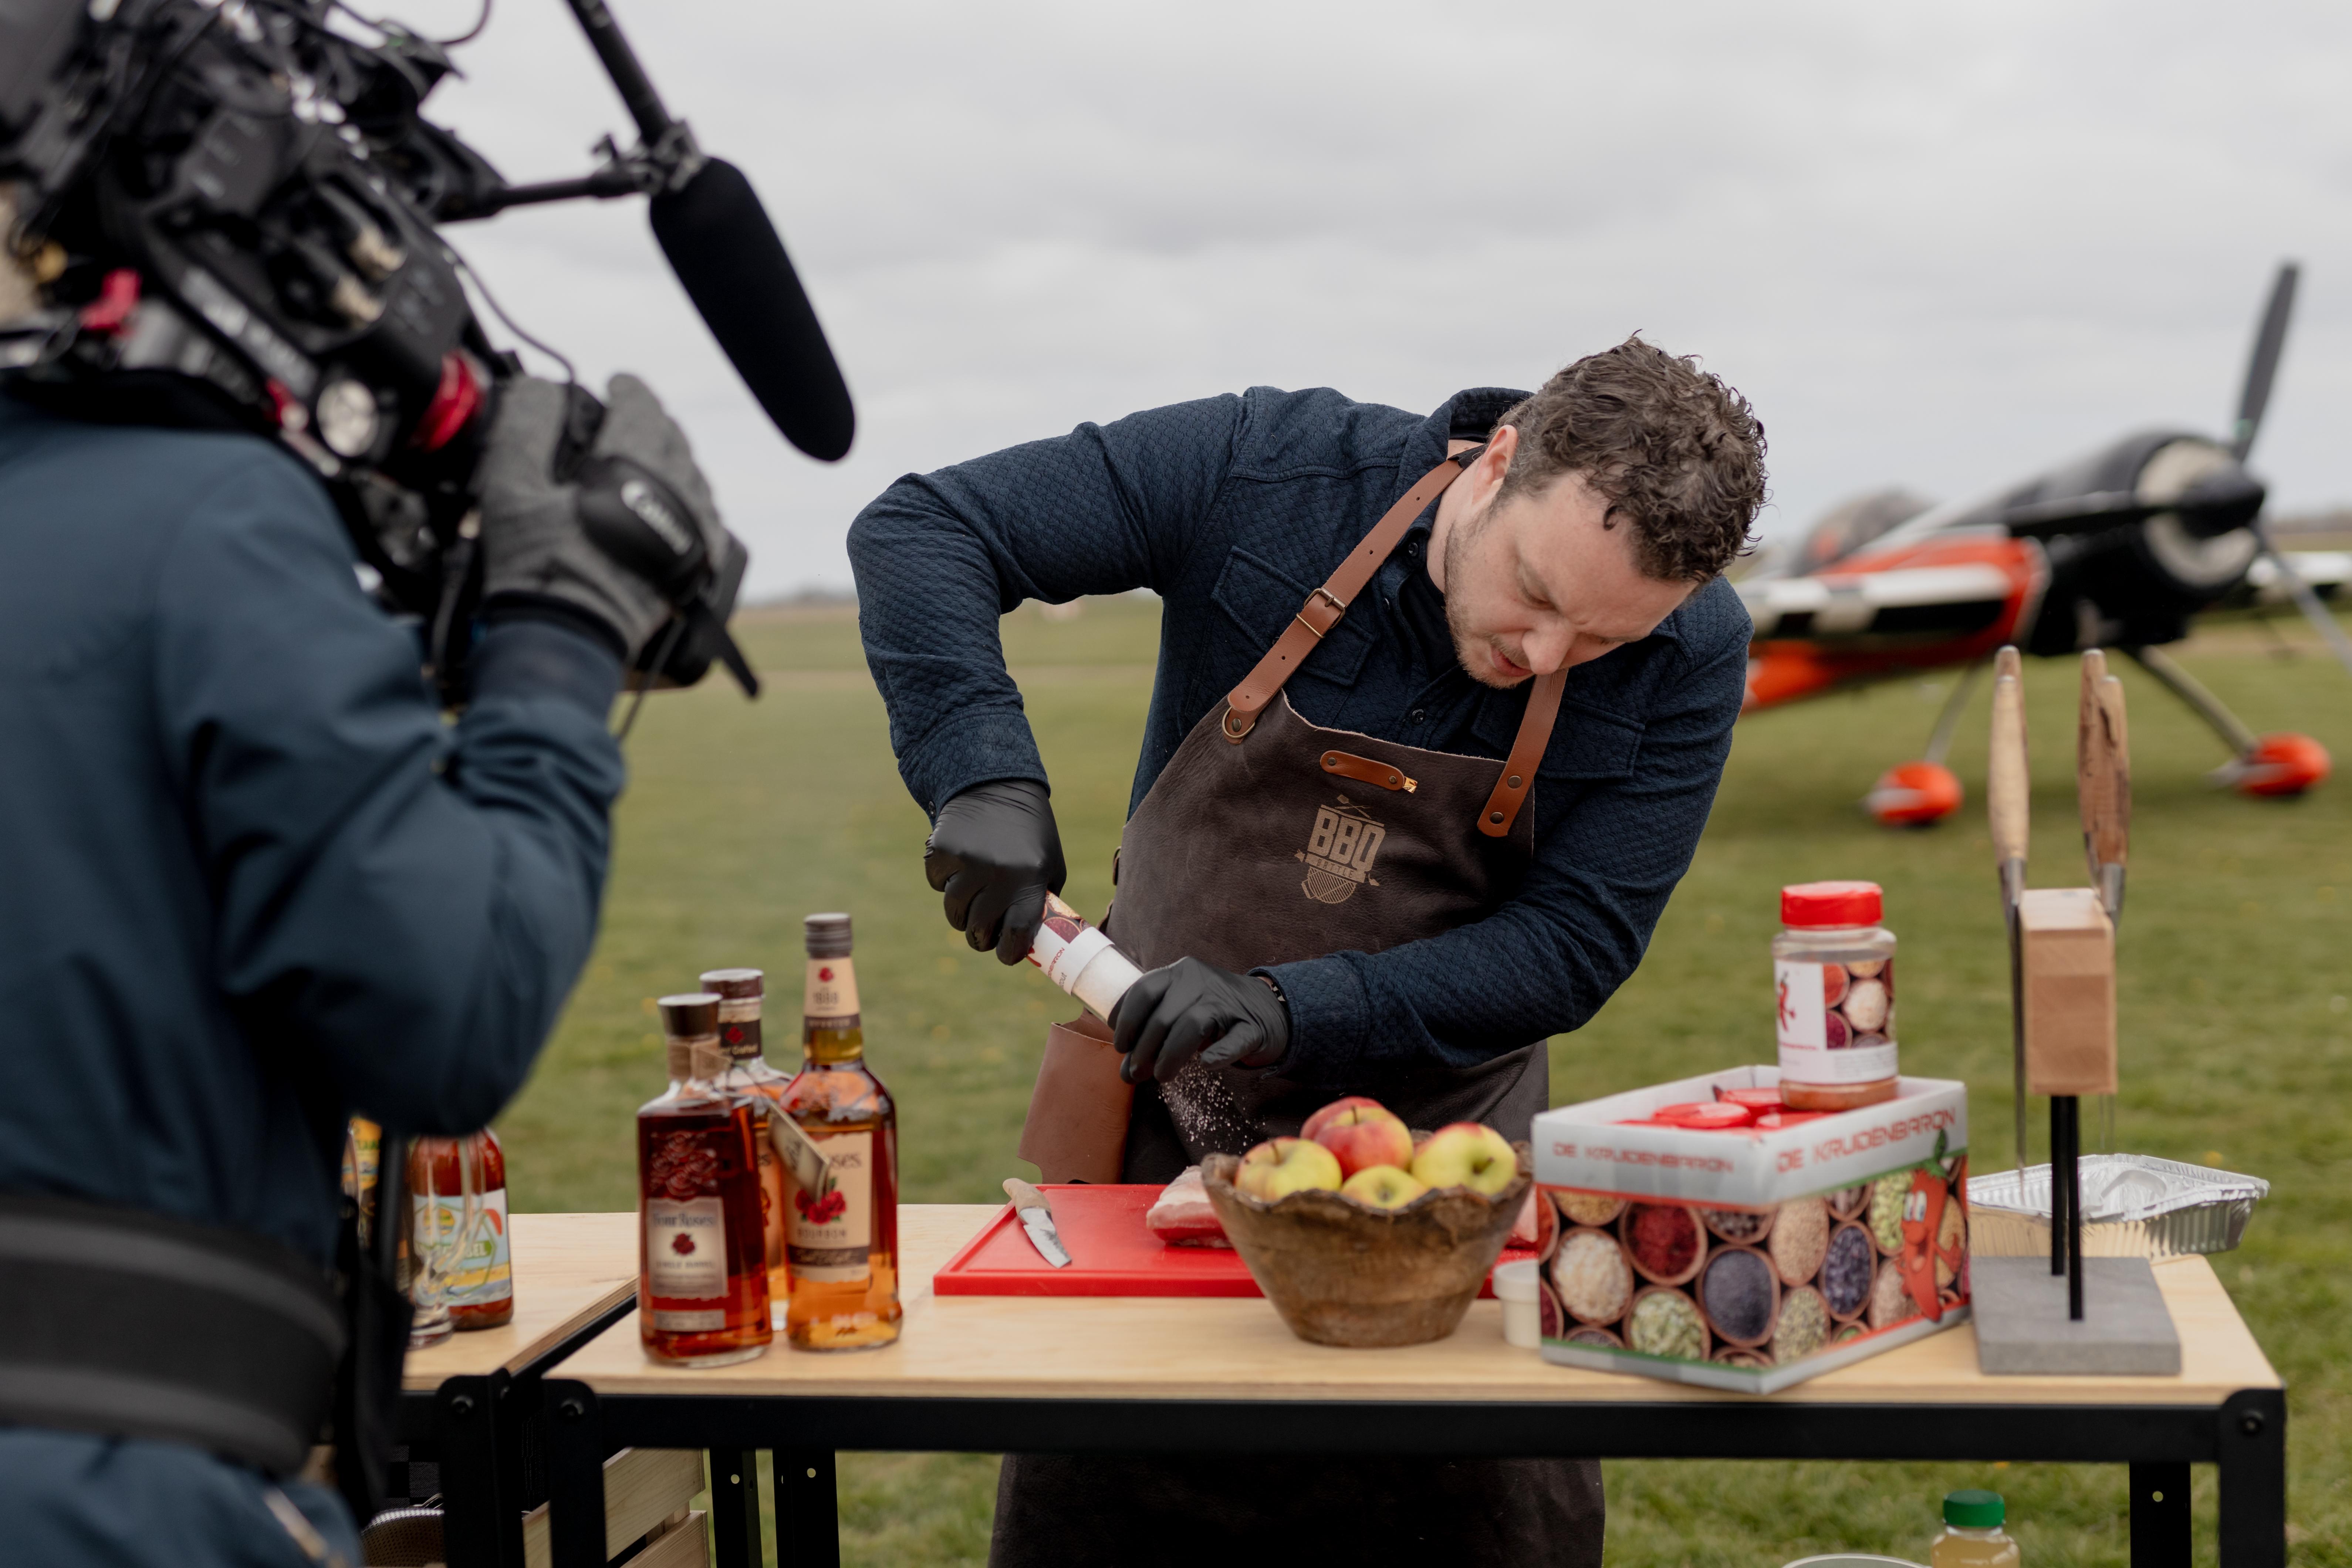 Robin Koenen aan de slag tijdens de BBQ Battle